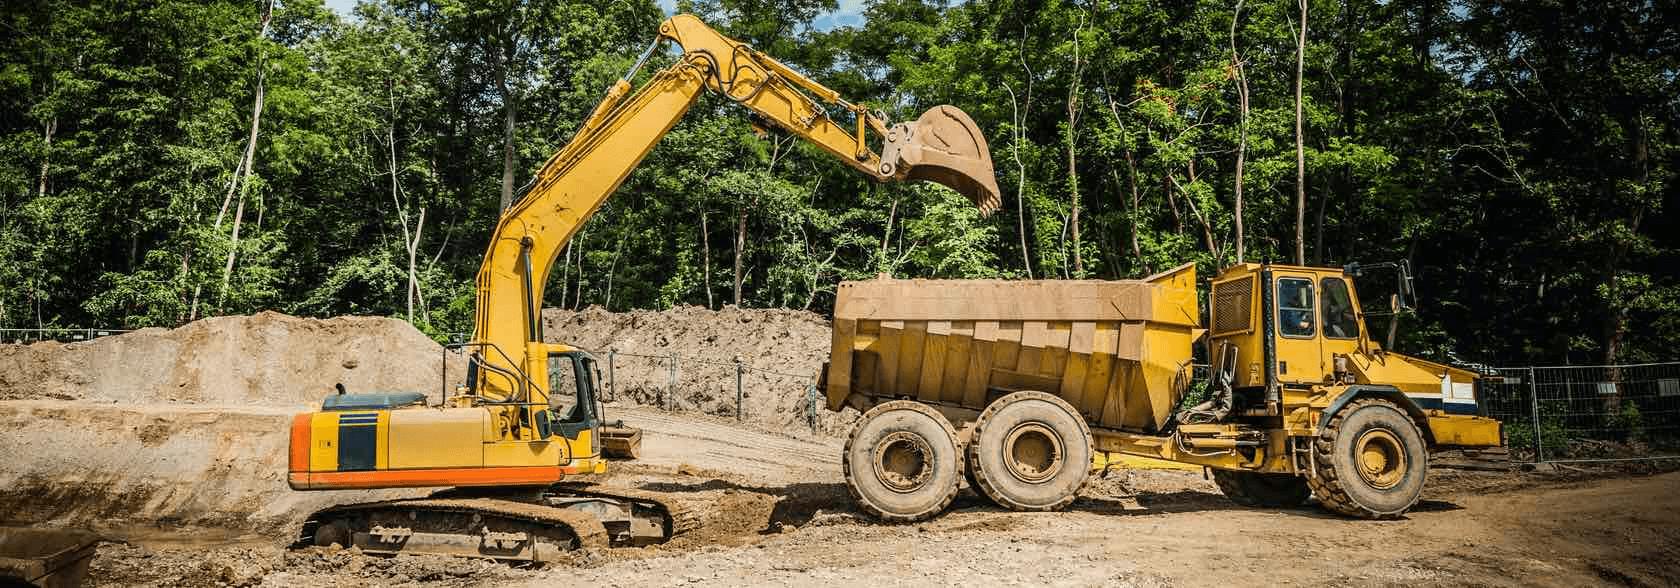 assurance de responsabilité civile chantier